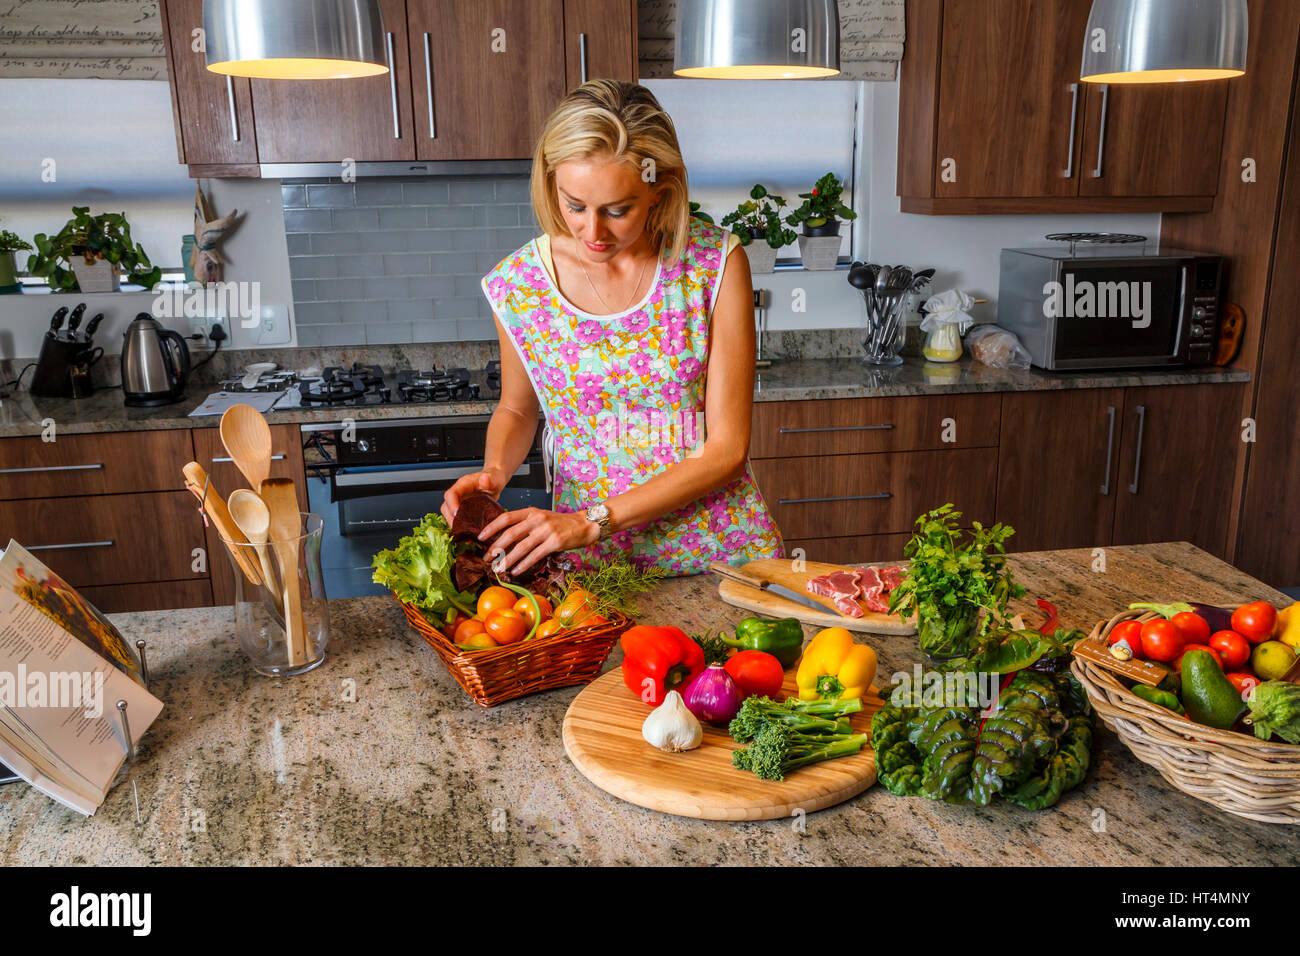 Eine langhaarige blonde junge Frau Zubereitung einer Mahlzeit in der Küche mit frischen gesunden gesundes Produkt. Stockbild